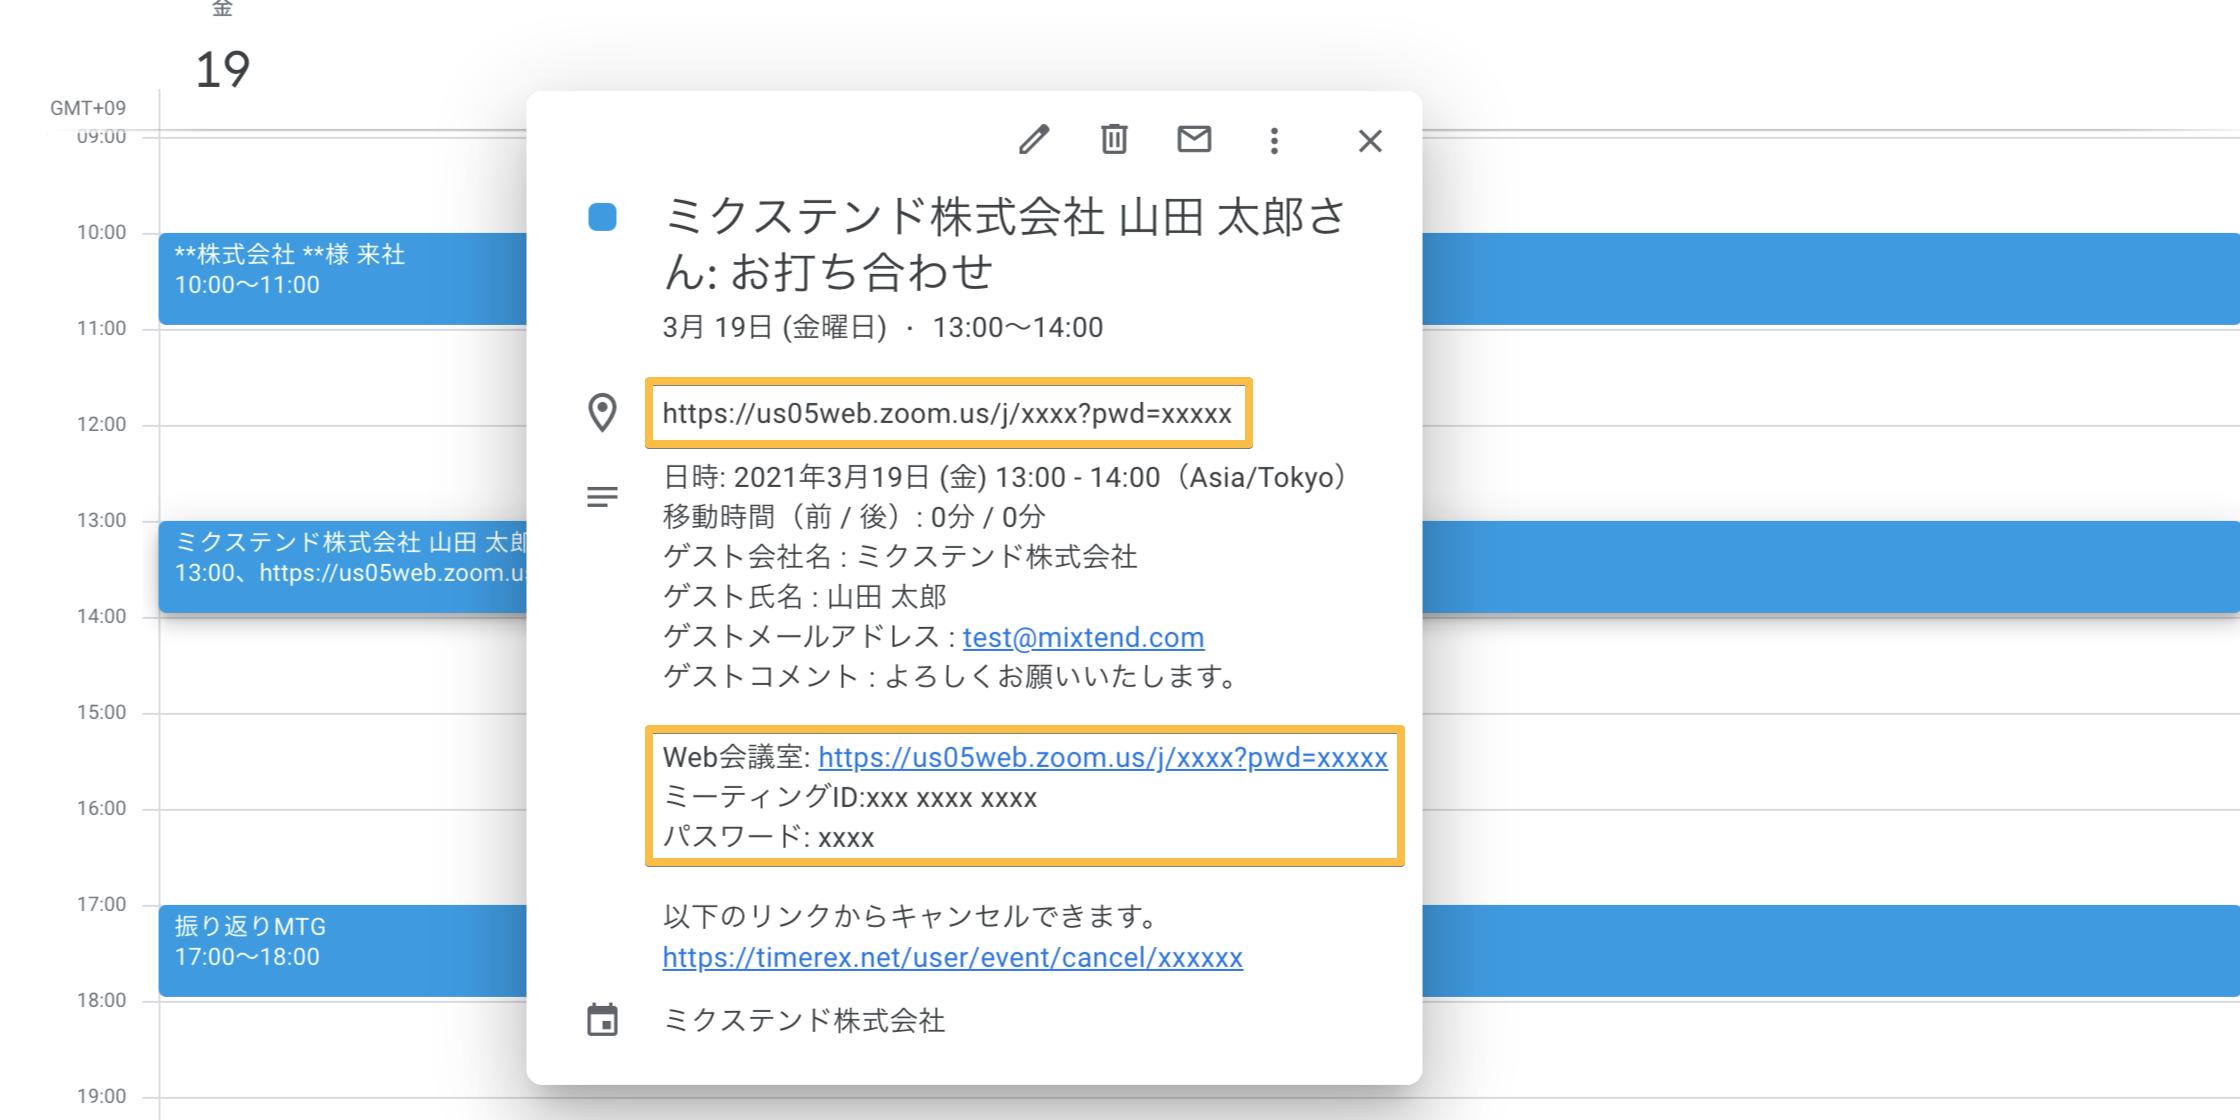 あなた自身が発行されたWeb会議URLを確認する方法